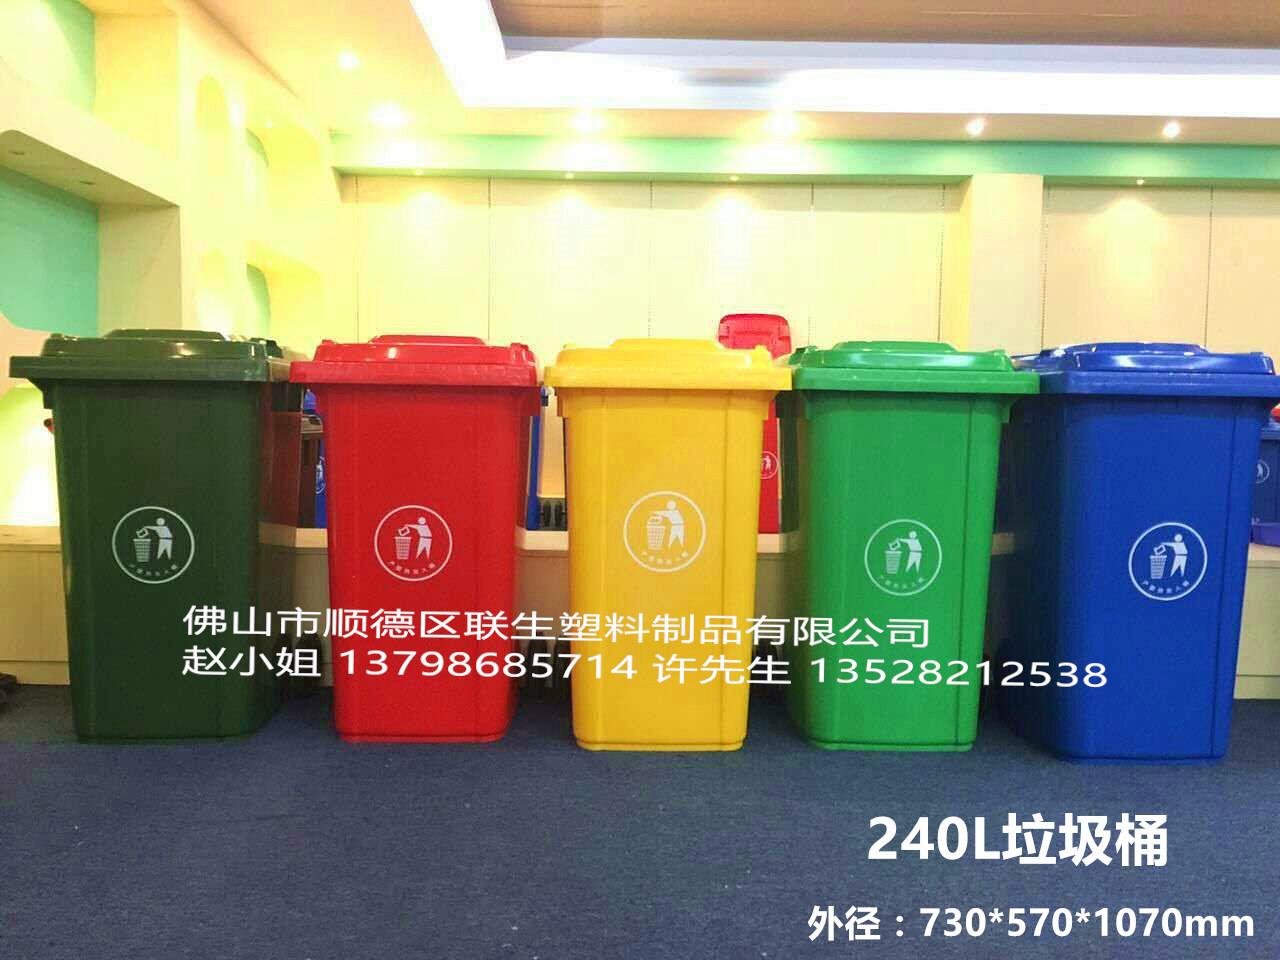 塑料垃圾桶_全国供应 户外城市生活垃圾分类塑料垃圾